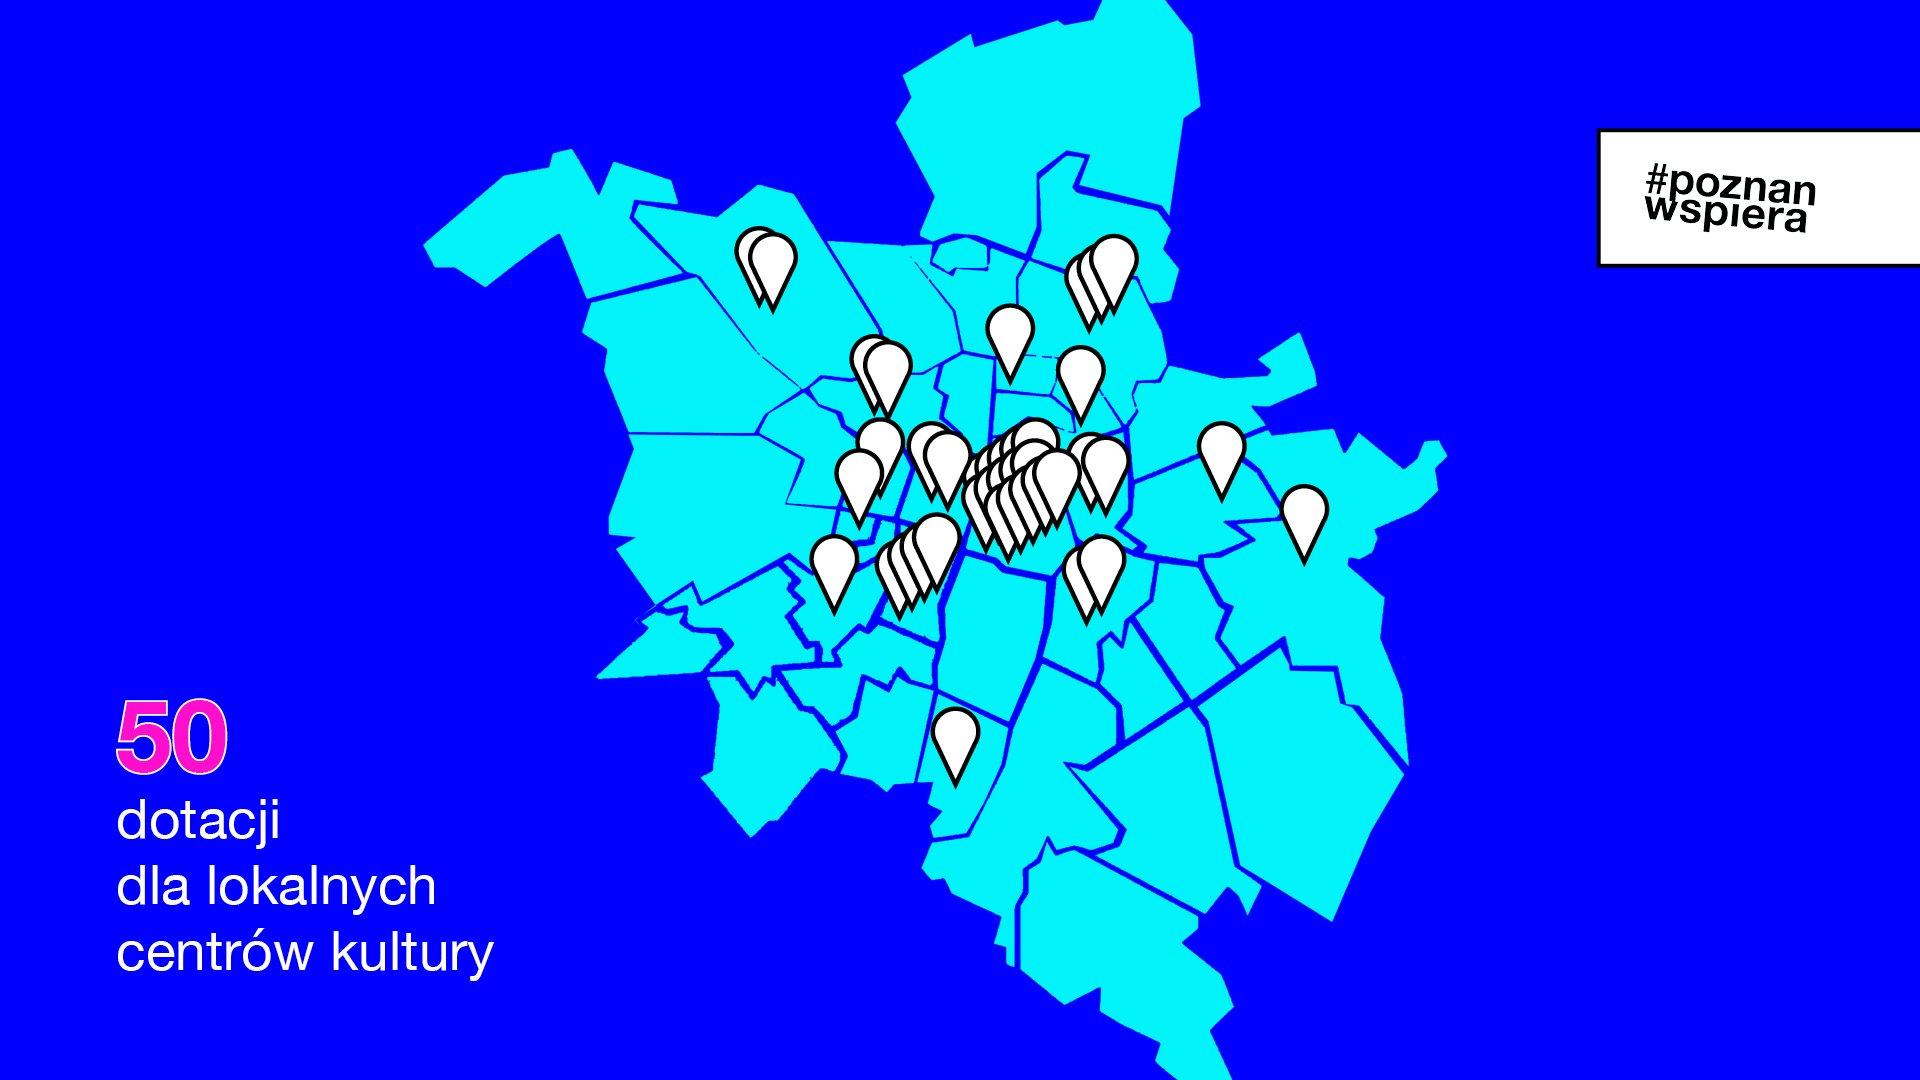 Grafika przedstawia mapę Poznania z zaznaczonymi punktami, w których działają lokalne centra kultury. - grafika artykułu